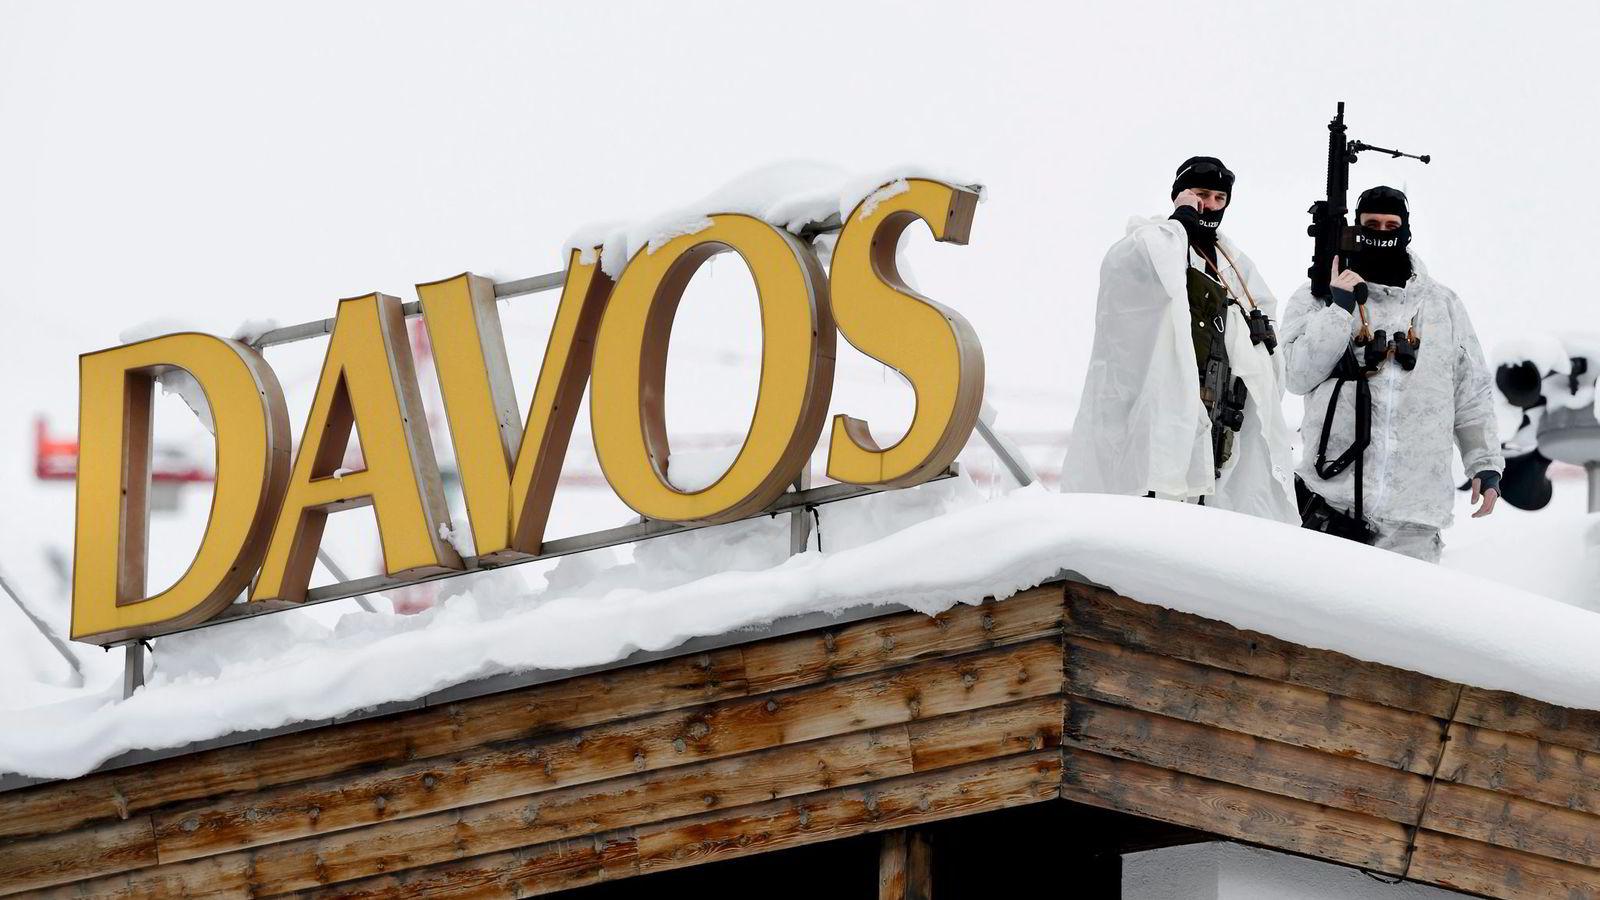 4501 militære, samt politifolk fra hele Sveits, sørger for sikkerheten når verdenseliten samles i Davos fra onsdag til lørdag denne uken. Terrorfrykten har økt etter Paris-angrepene. Foto: Fabrice Coffrini, AFP/NTB Scanpix